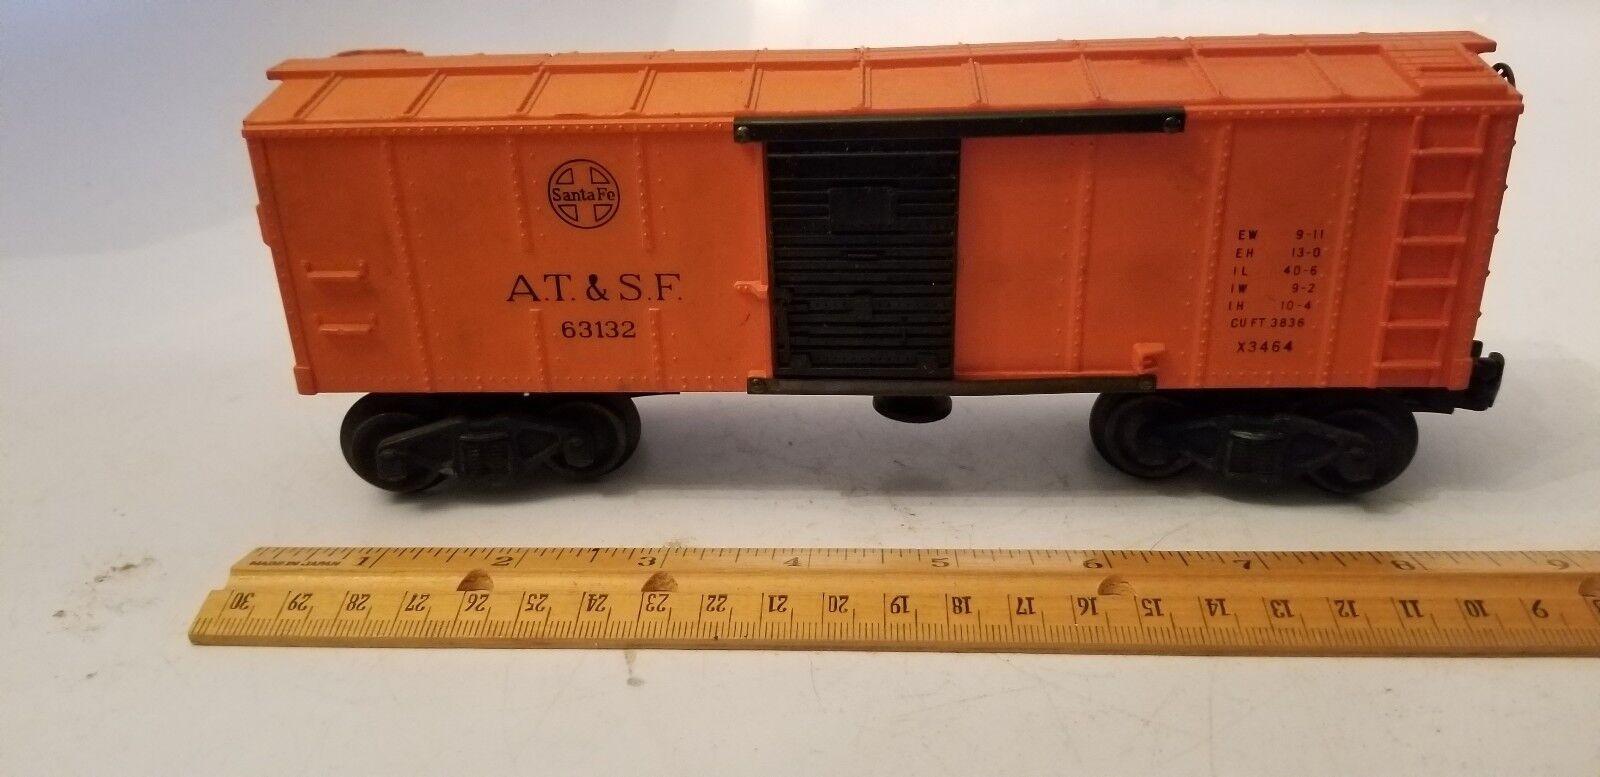 Post War - Lionel Trains - X3464 -  Santa Fe - A.T. & S.F.